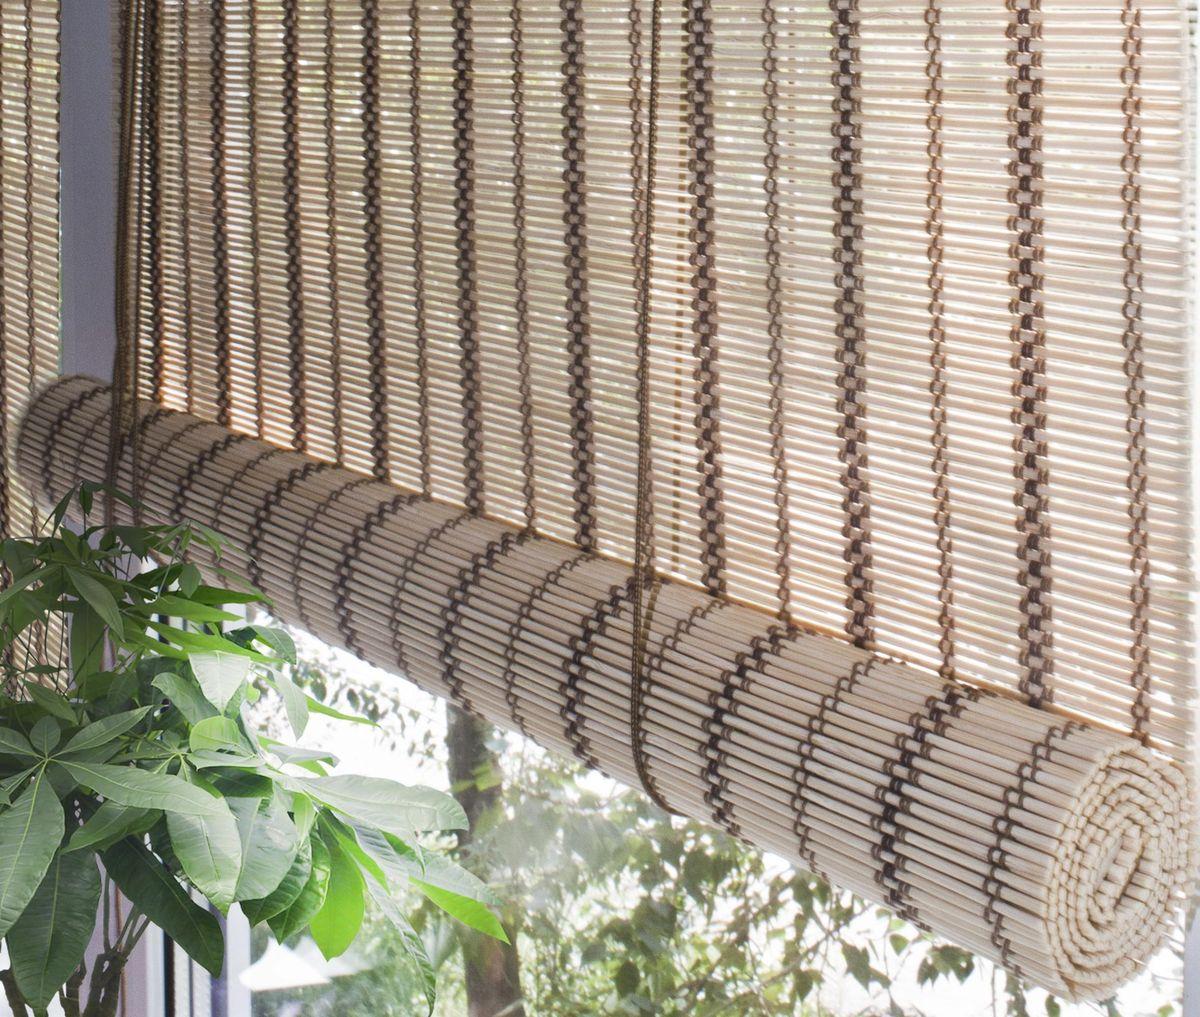 Штора рулонная Эскар Бамбук, цвет: песочный, ширина 160 см, высота 160 см70141160160При оформлении интерьера современных помещений многие отдают предпочтение природным материалам. Бамбуковые рулонные шторы – одно из натуральных изделий, способное сделать атмосферу помещения более уютной и в то же время необычной. Свойства бамбука уникальны: он экологически чист, так как быстро вырастает, благодаря чему не успевает накопить вредные вещества из окружающей среды. Кроме того, растение обладает противомикробным и антибактериальным действием. Занавеси из бамбука безопасно использовать в помещениях, где находятся новорожденные дети и люди, склонные к аллергии. Они незаменимы для тех, кто заботится о своем здоровье и уделяет внимание высокому уровню жизни.